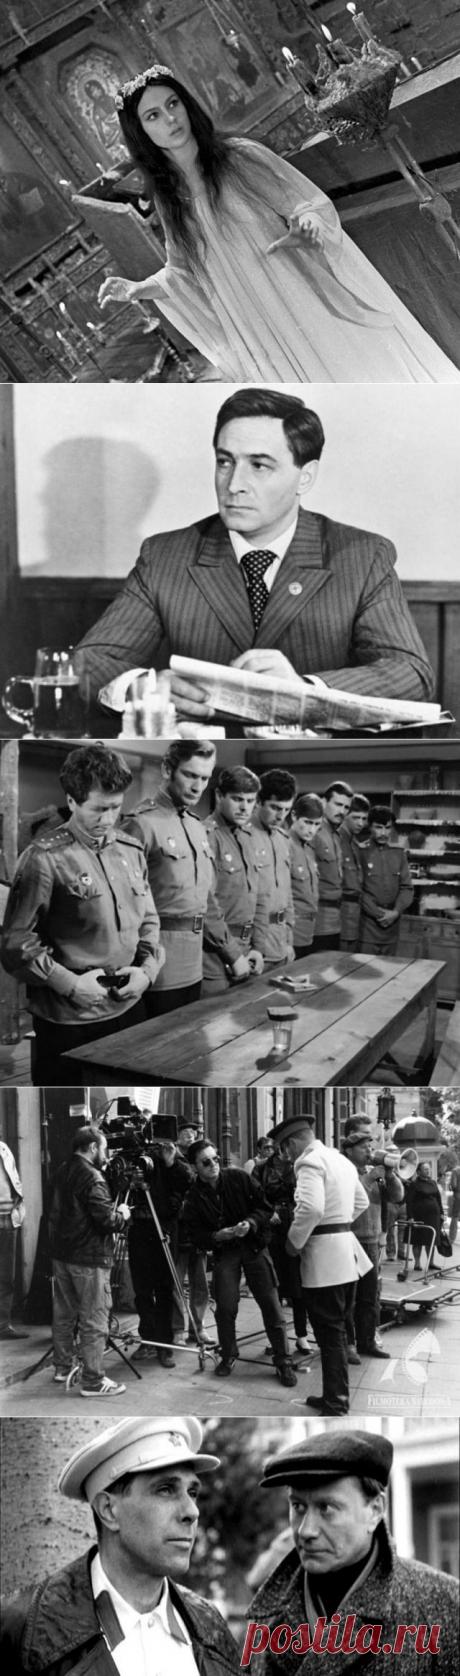 49 кадров из наших любимых кинофильмов / Назад в СССР / Back in USSR